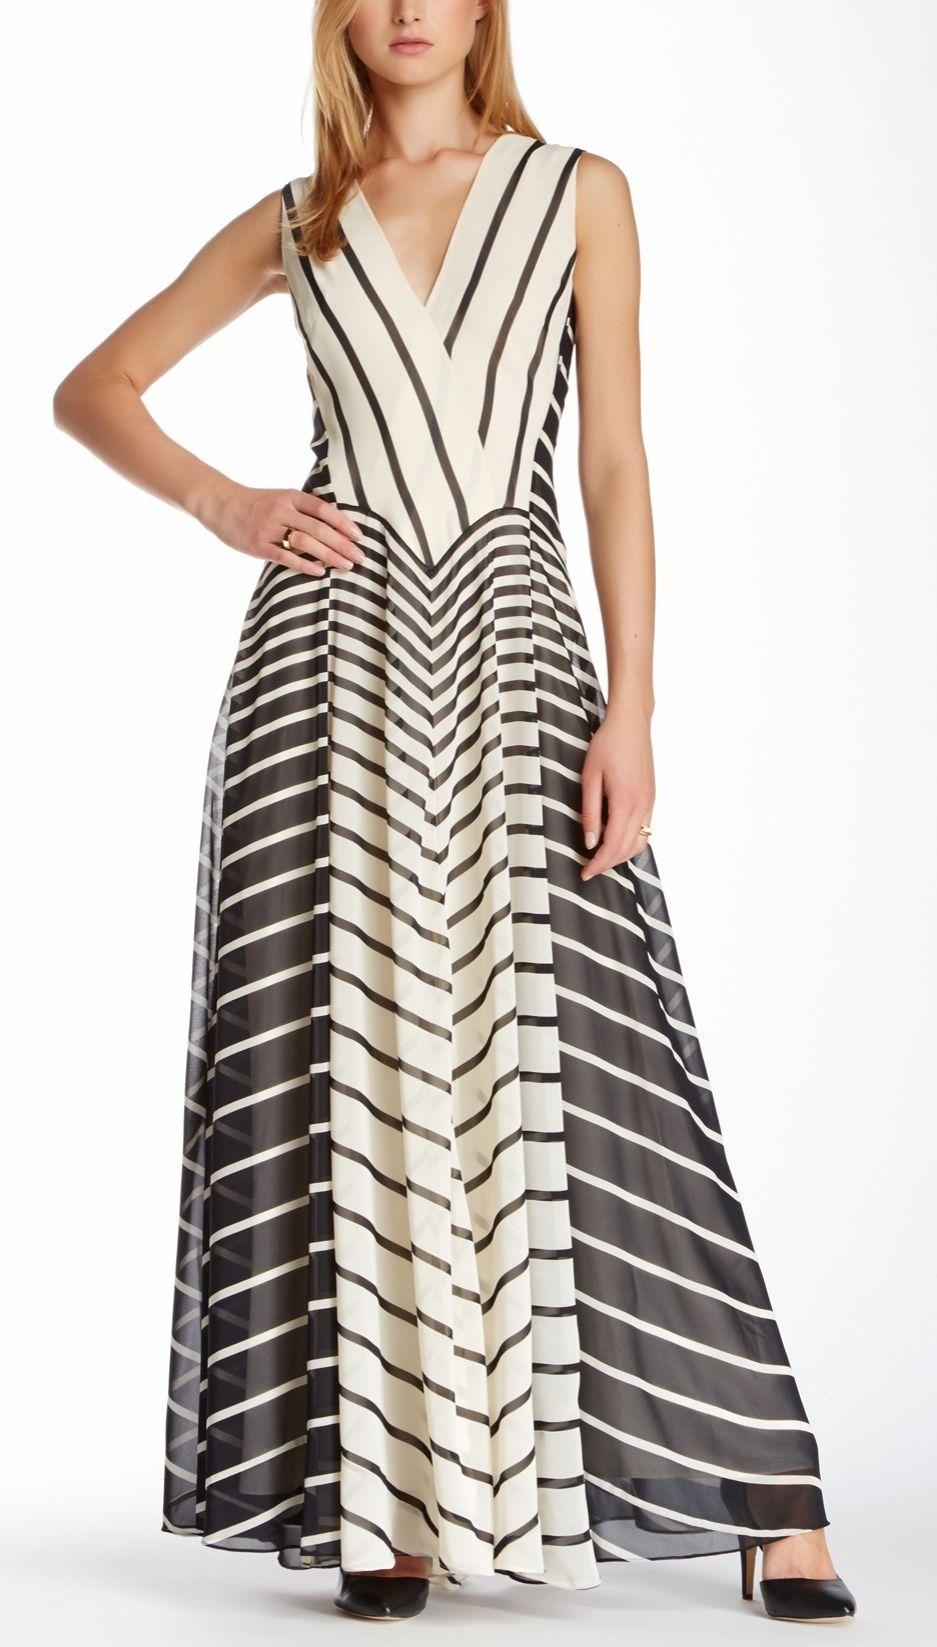 Halston Heritage Striped Evening Gown | Designer Fashion | Pinterest ...